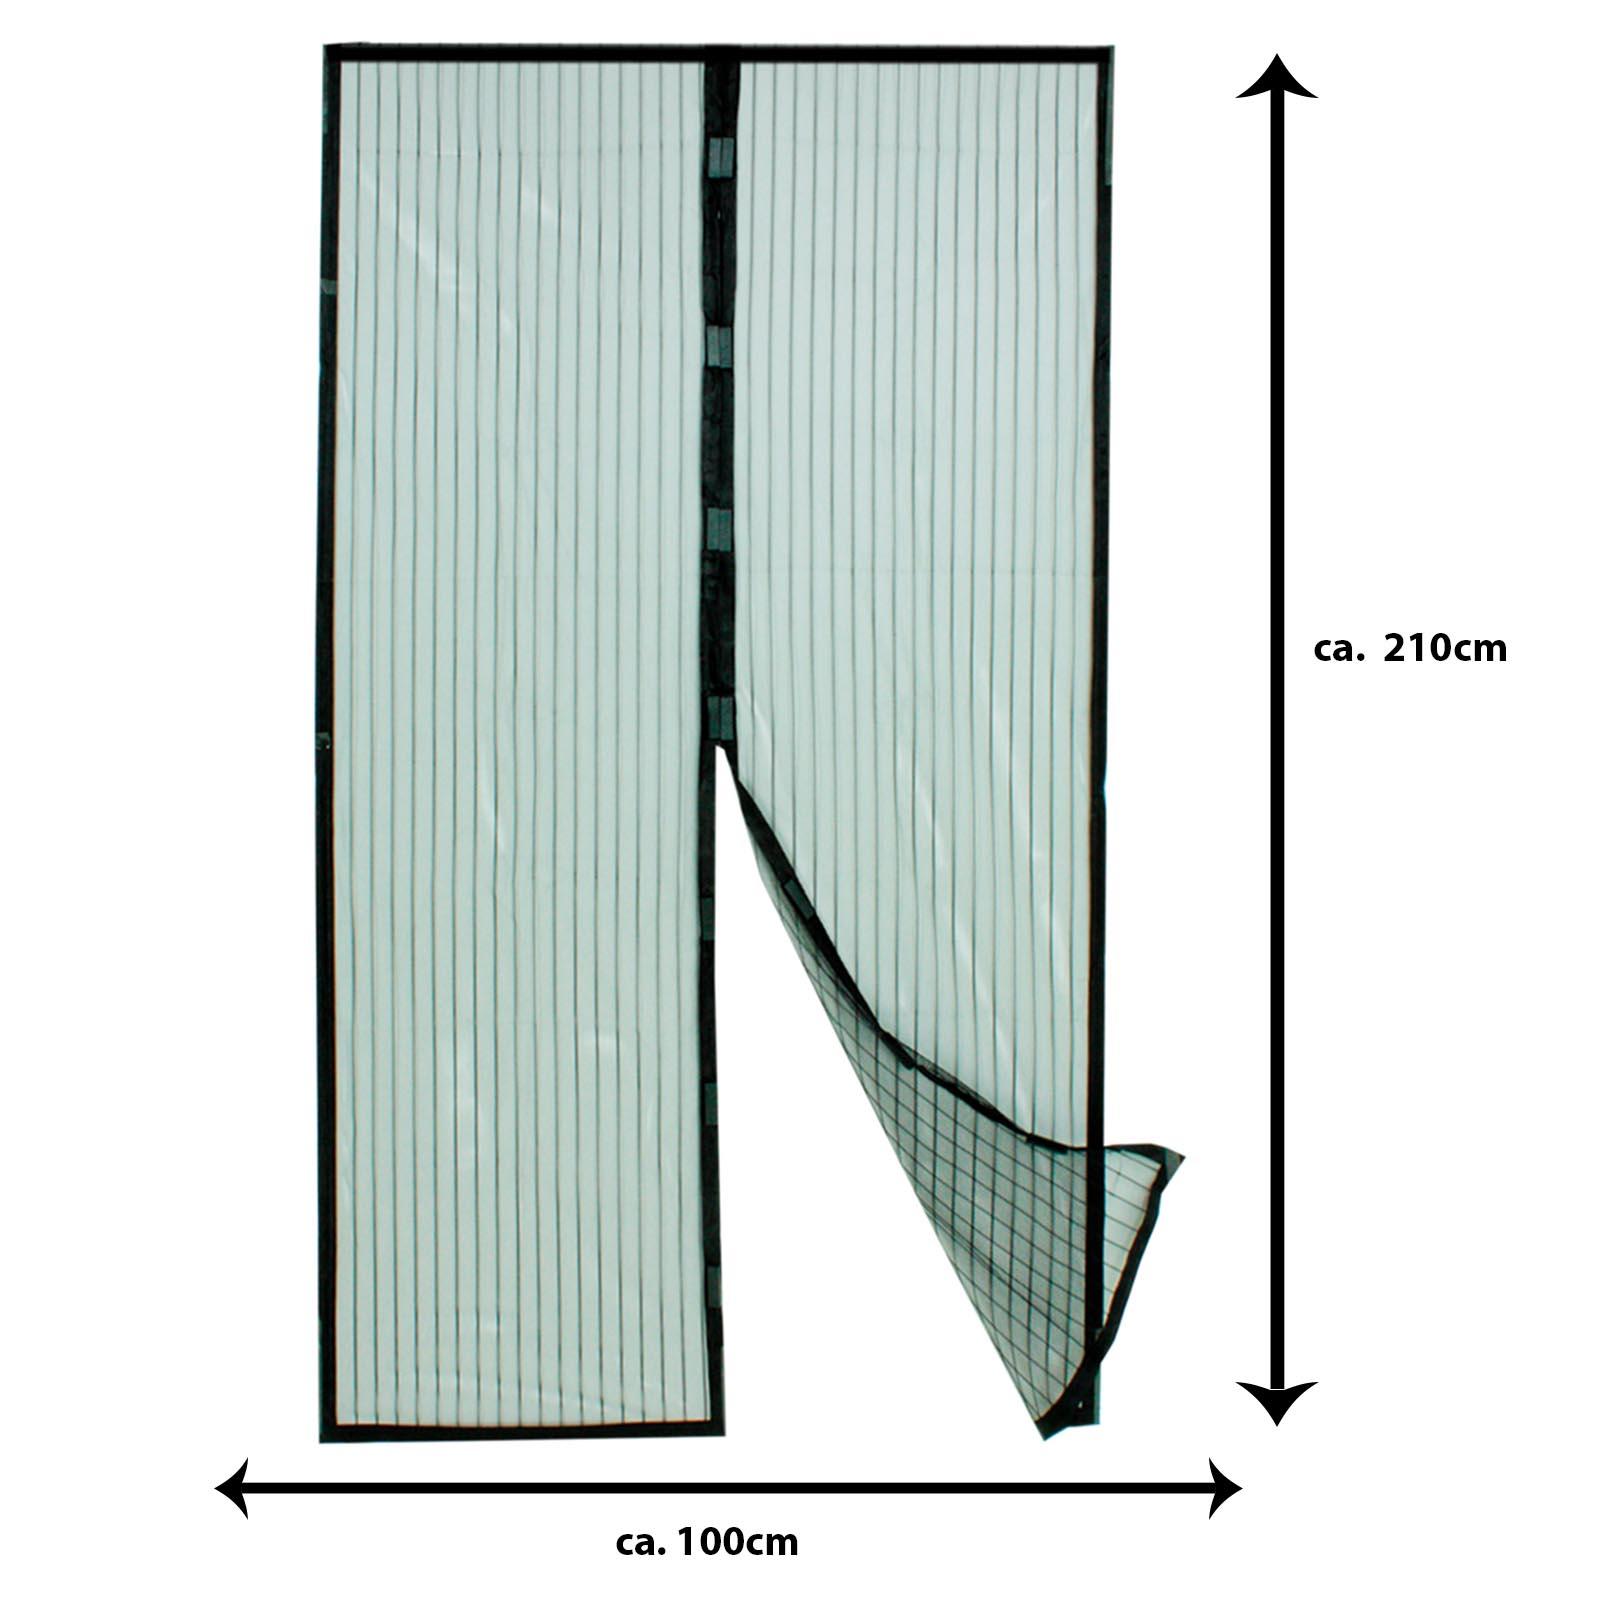 Full Size of Grafner Magnetisches Fliegengitter Trvorhang 100 210 Cm Fenster Maßanfertigung Für Magnettafel Küche Wohnzimmer Fliegengitter Magnet